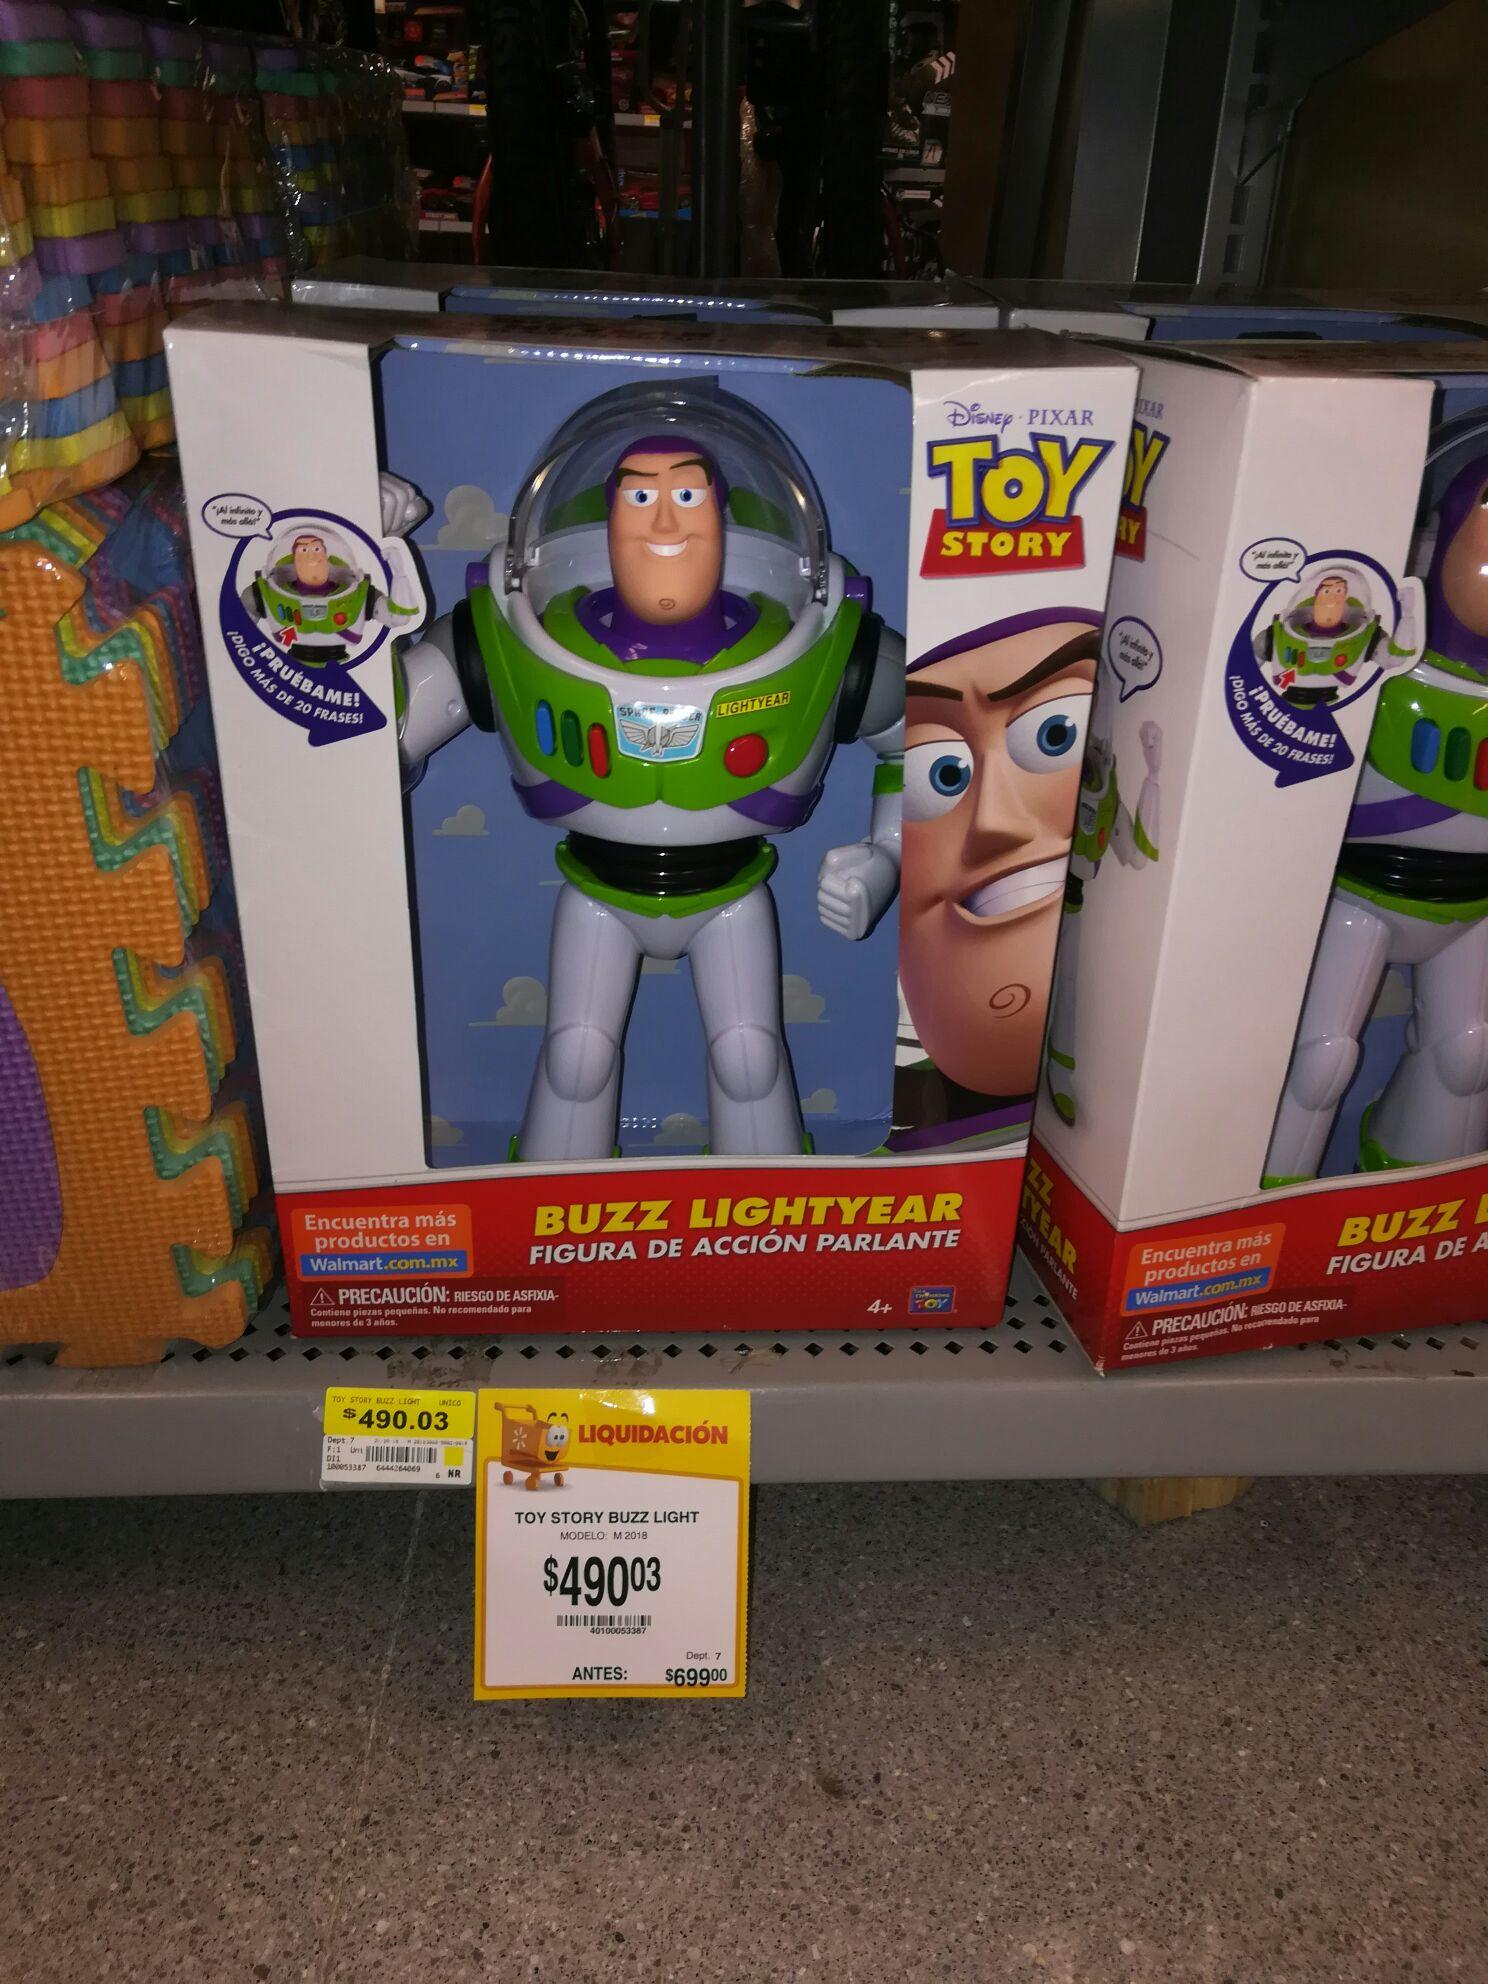 Juguete Buzz Lightyear Walmart Uptown Mérida